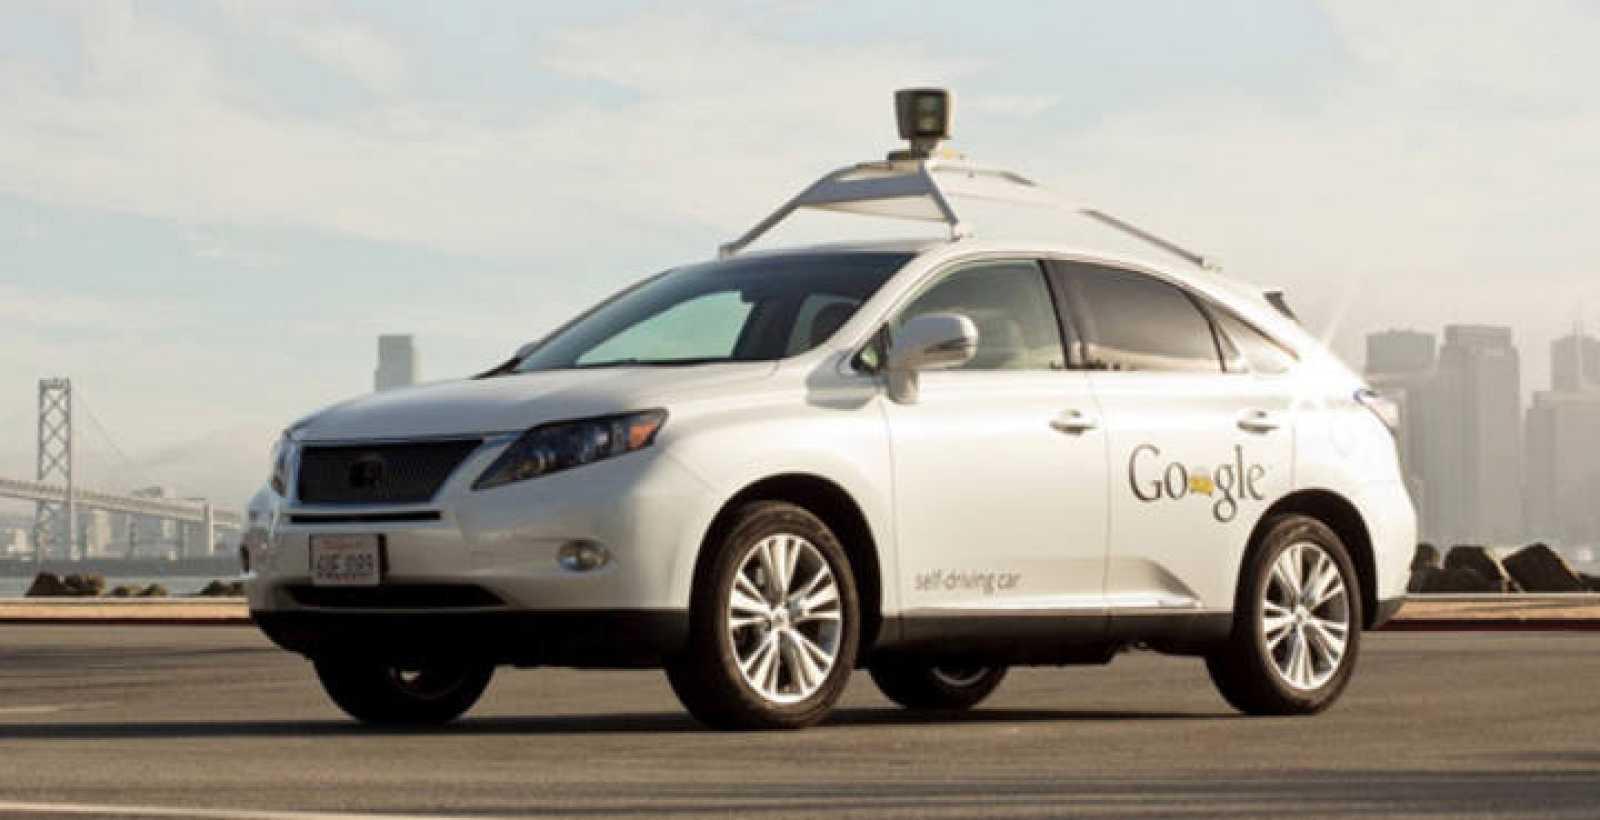 Prototipo de uno de los doce automóviles de conducción autónoma que está probando el buscador